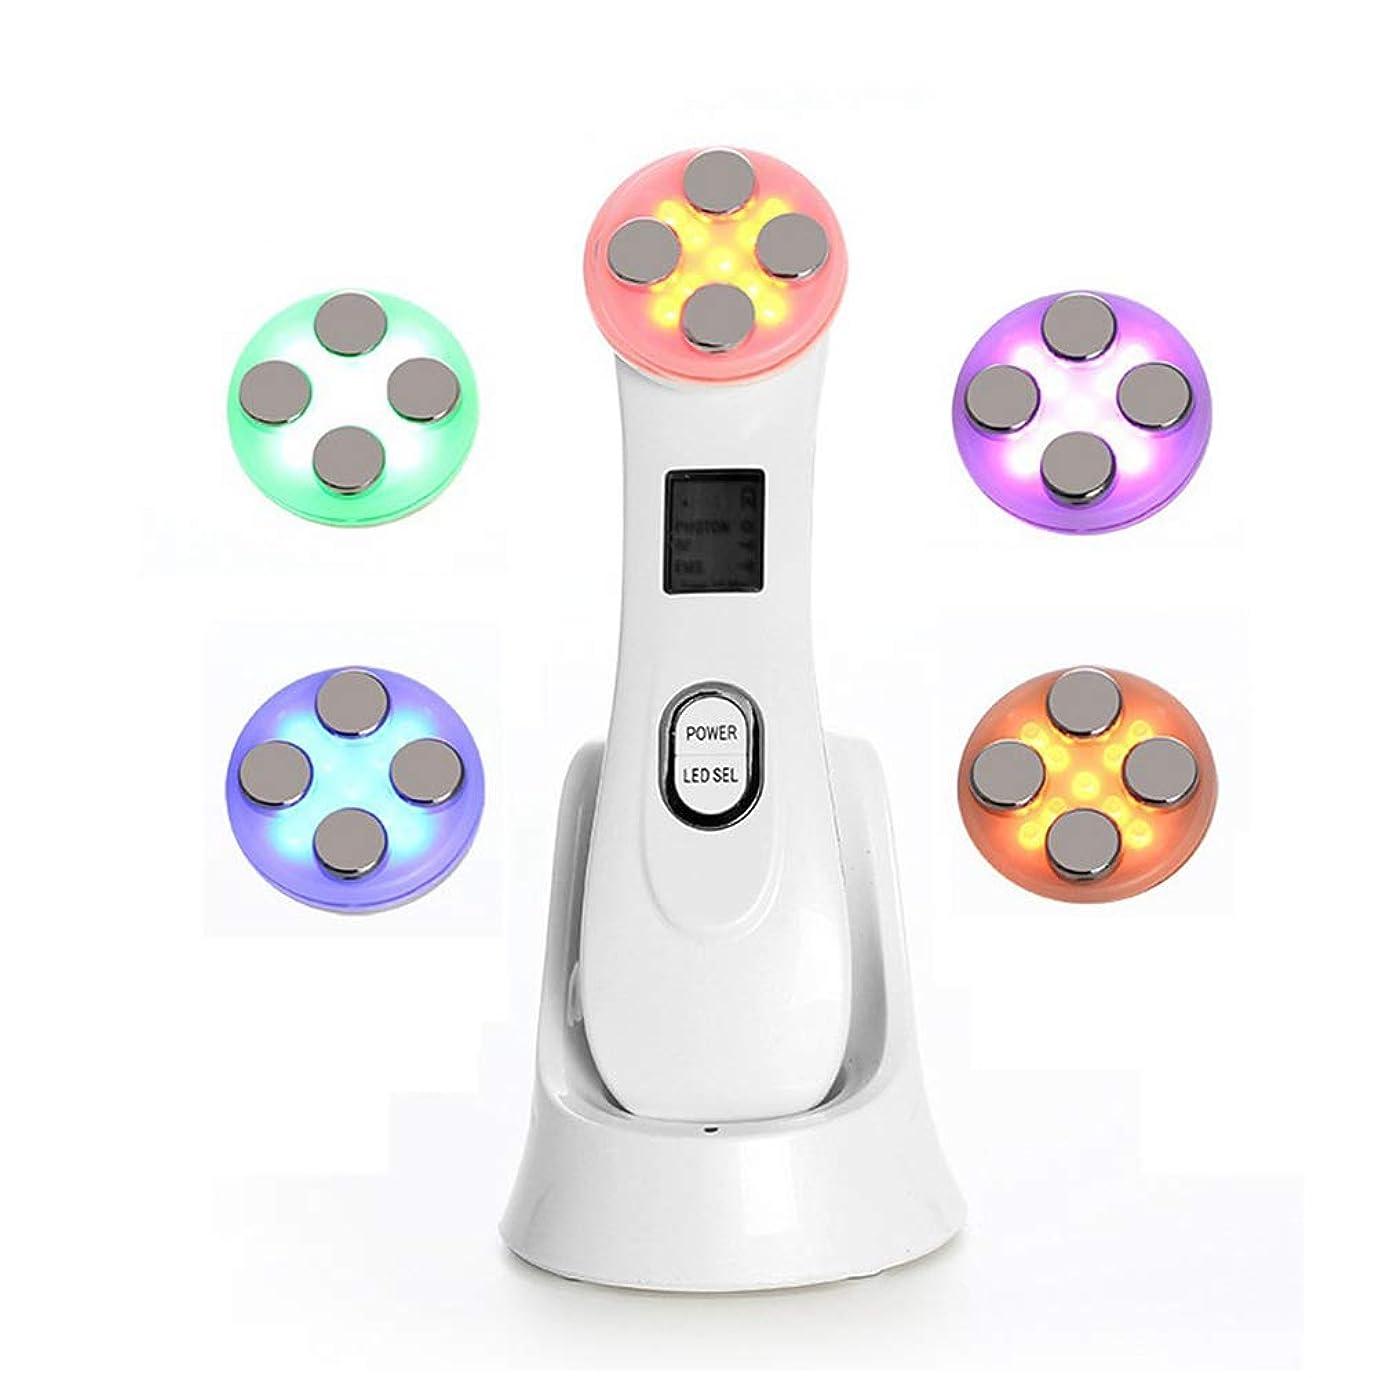 飽和するエスカレーター余剰アメリカのプラスチック機器EMSエレクトロポレーションRF美容機器LED肌色光剥離機美容機器